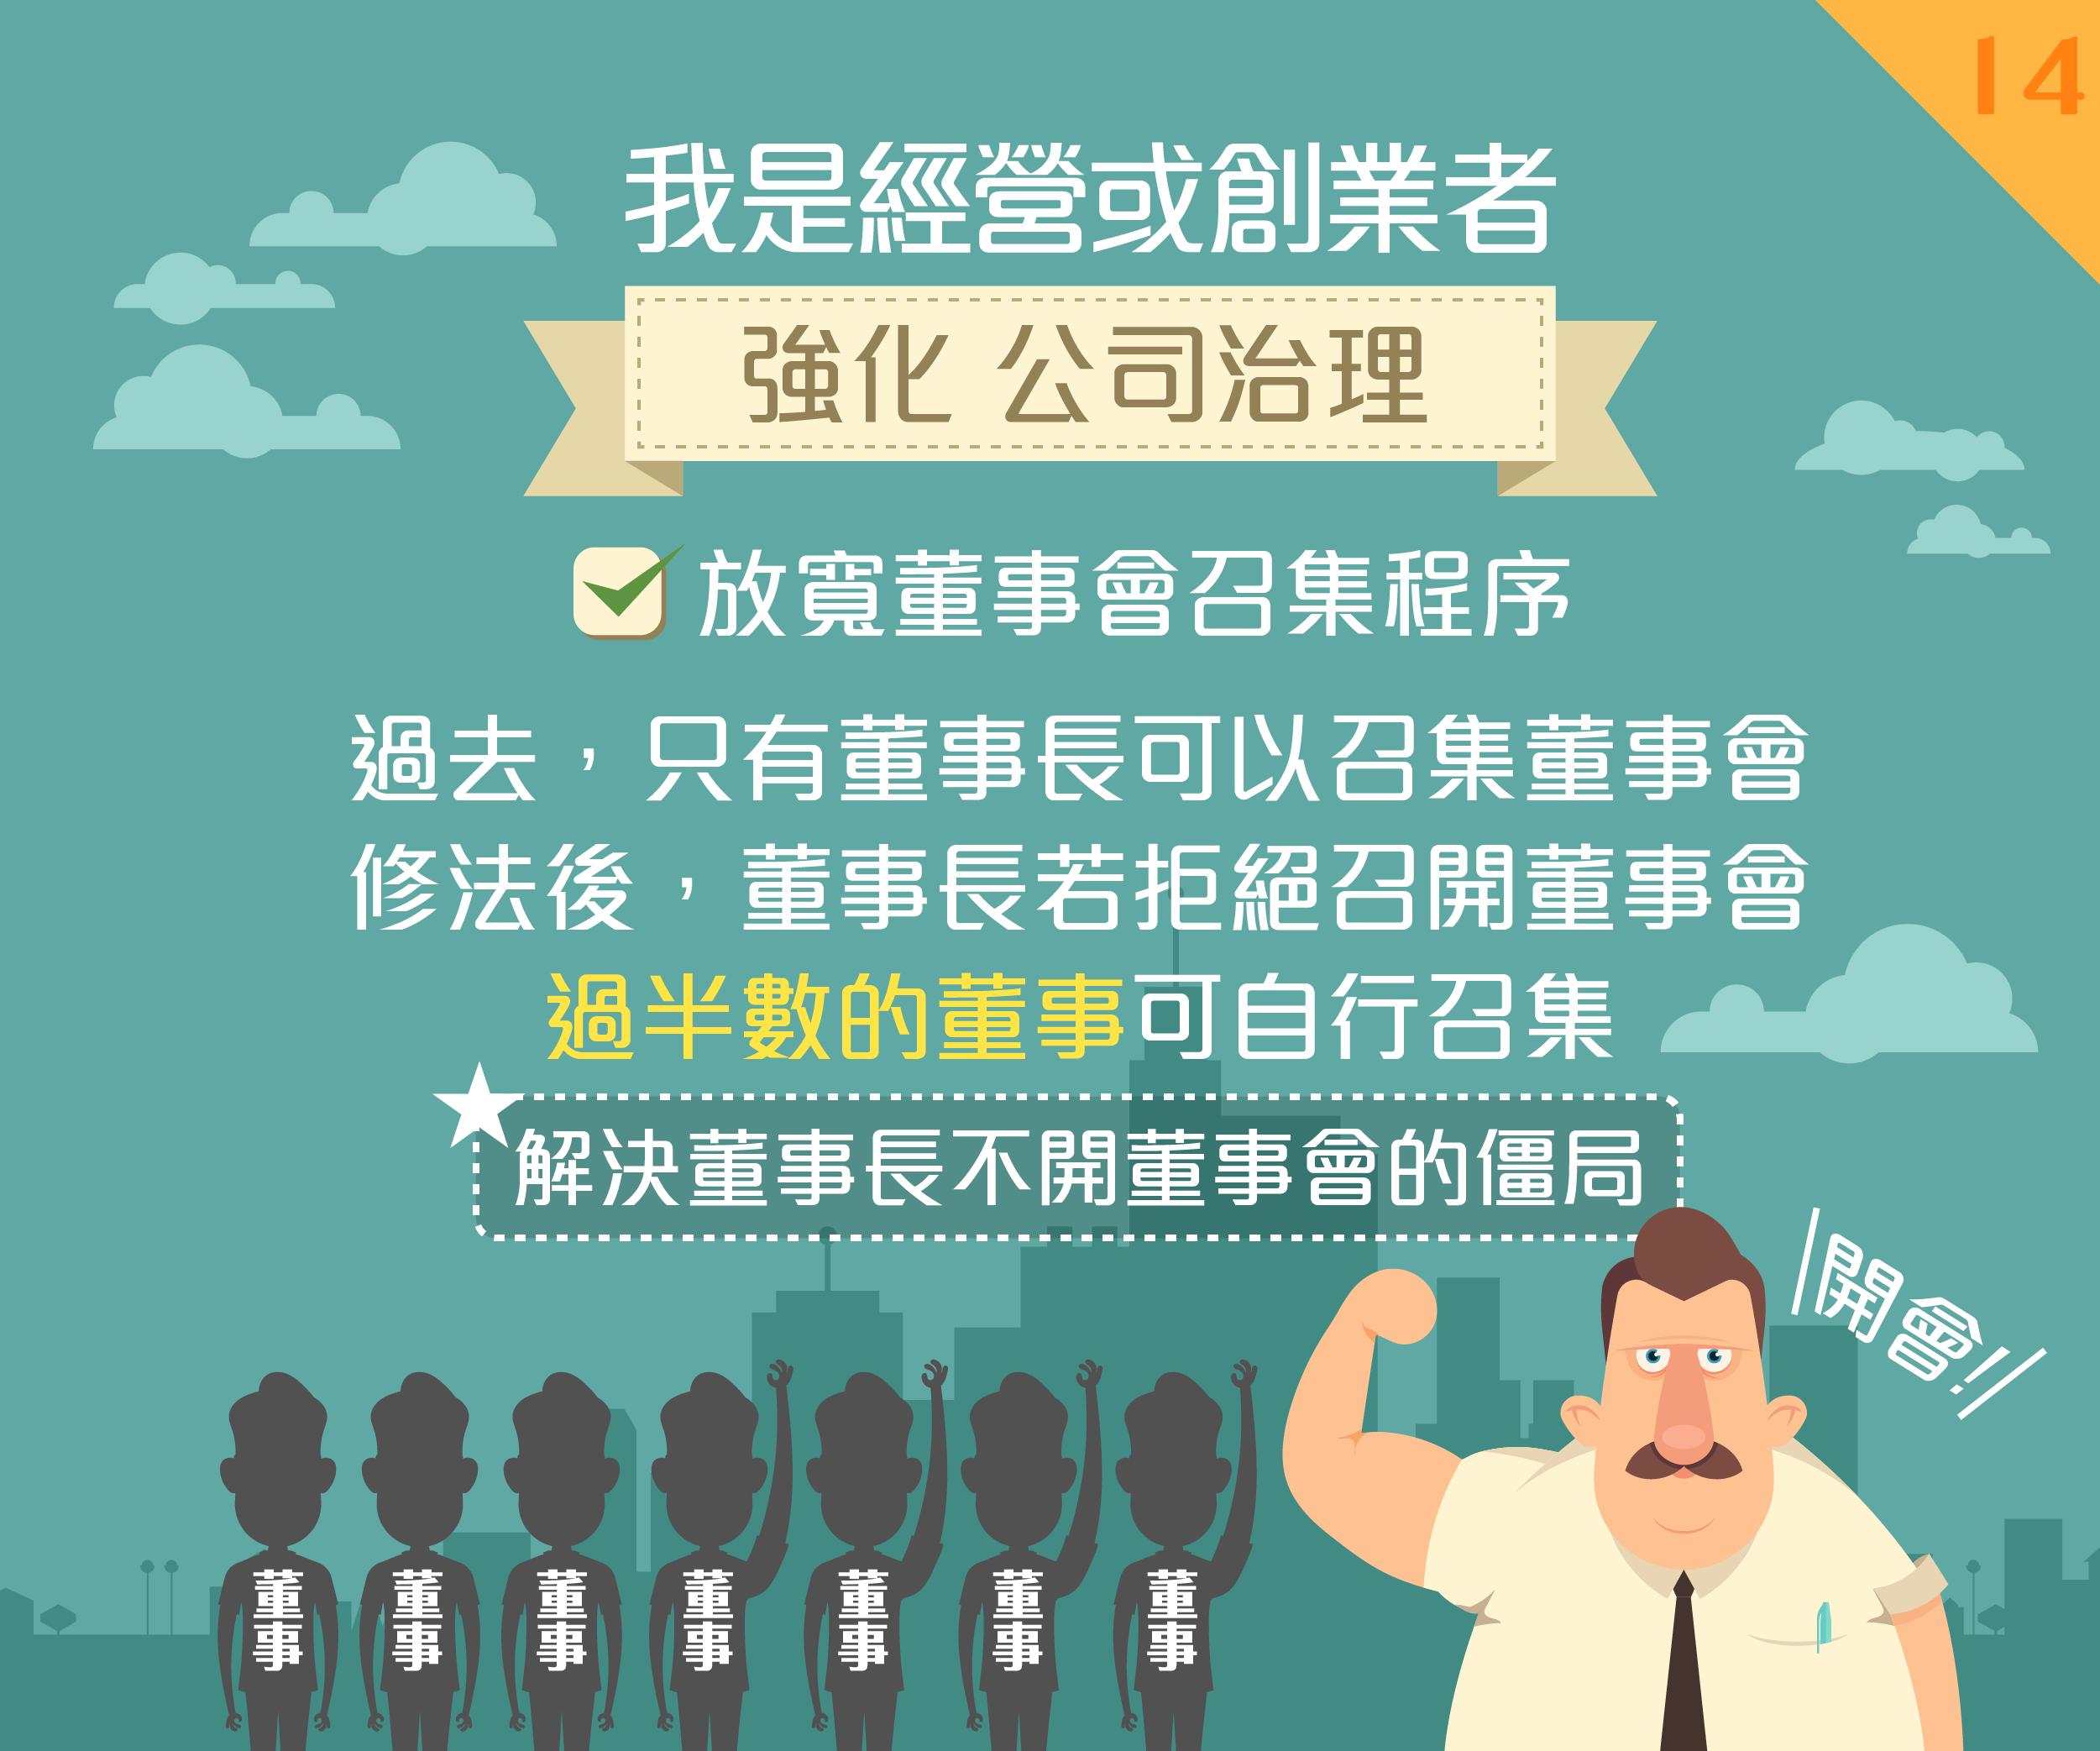 公司法懶人包修改2018-0827-15